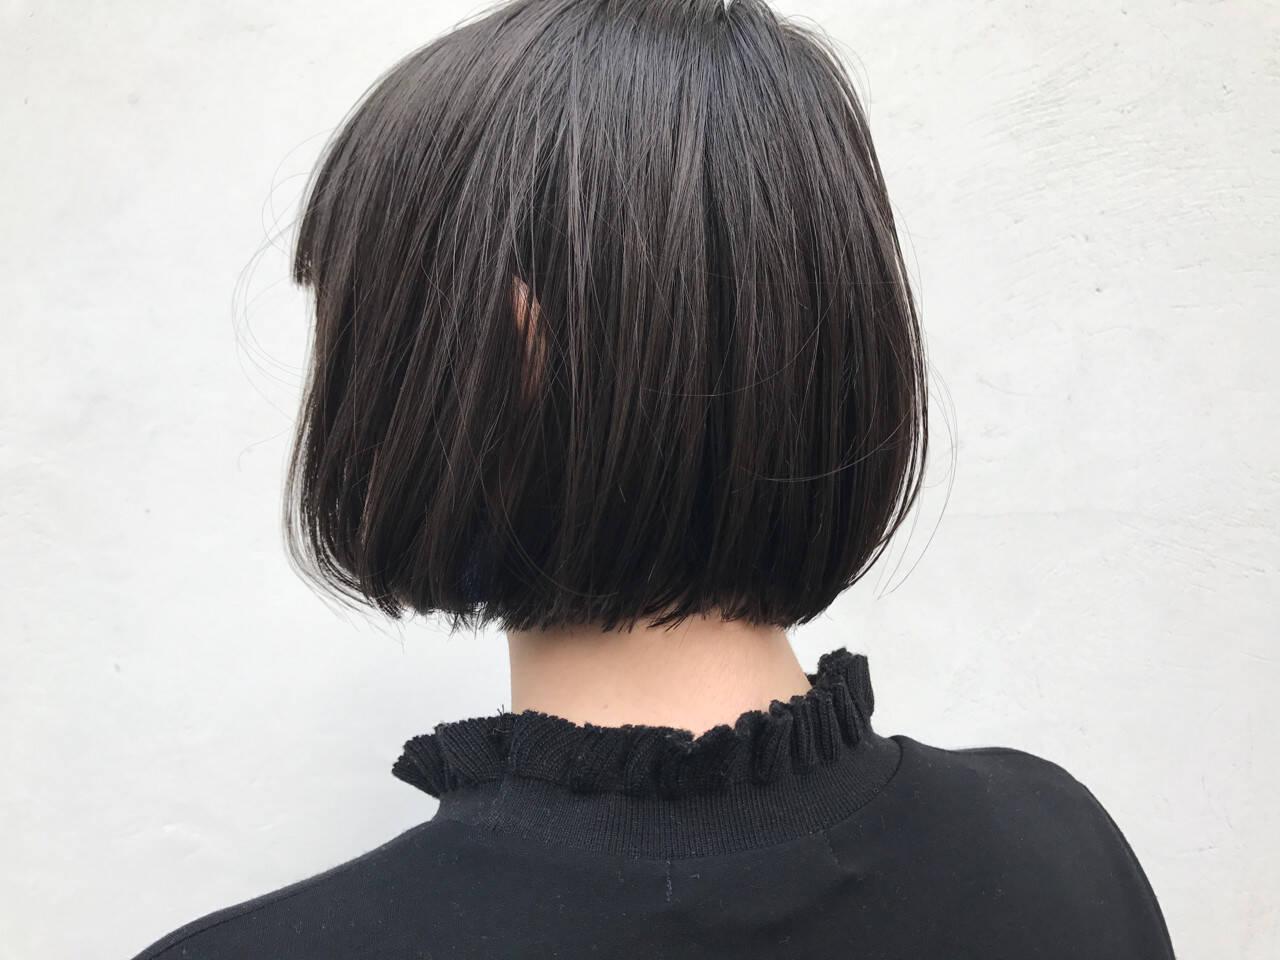 ボブ モード ショートバング ワンレングスヘアスタイルや髪型の写真・画像